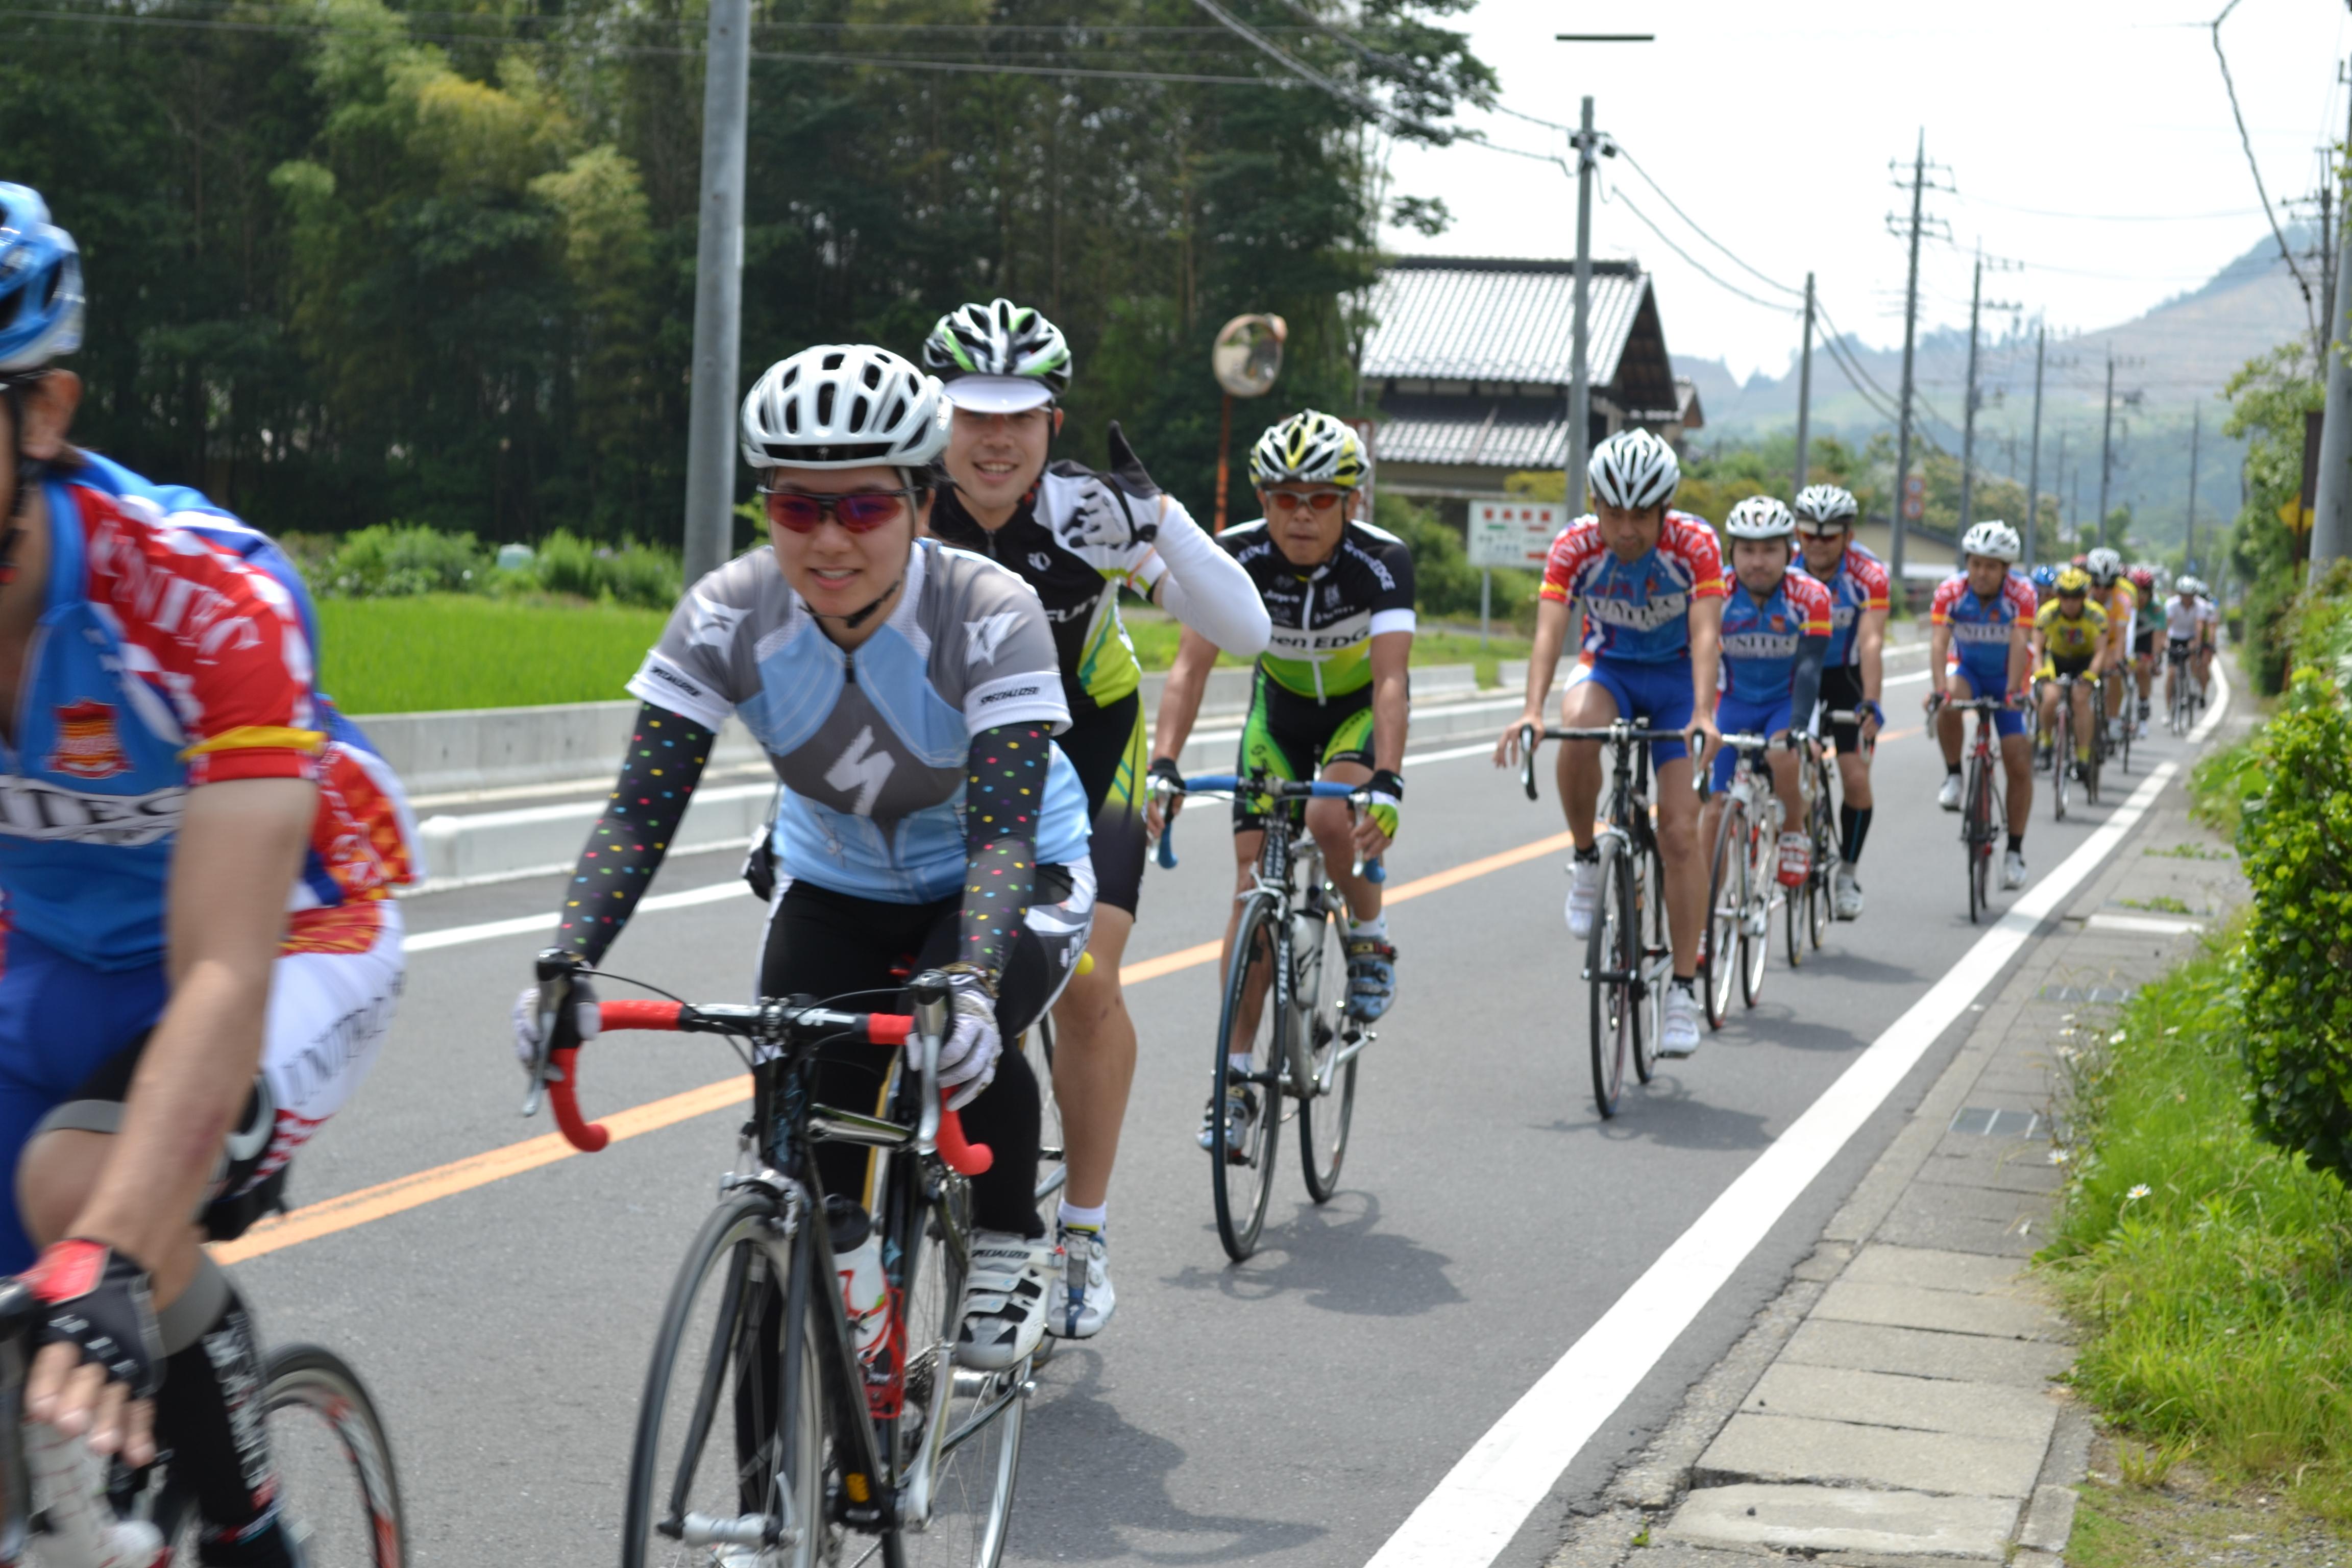 http://cycleshop-fun.com/images/DSC_0227.JPG